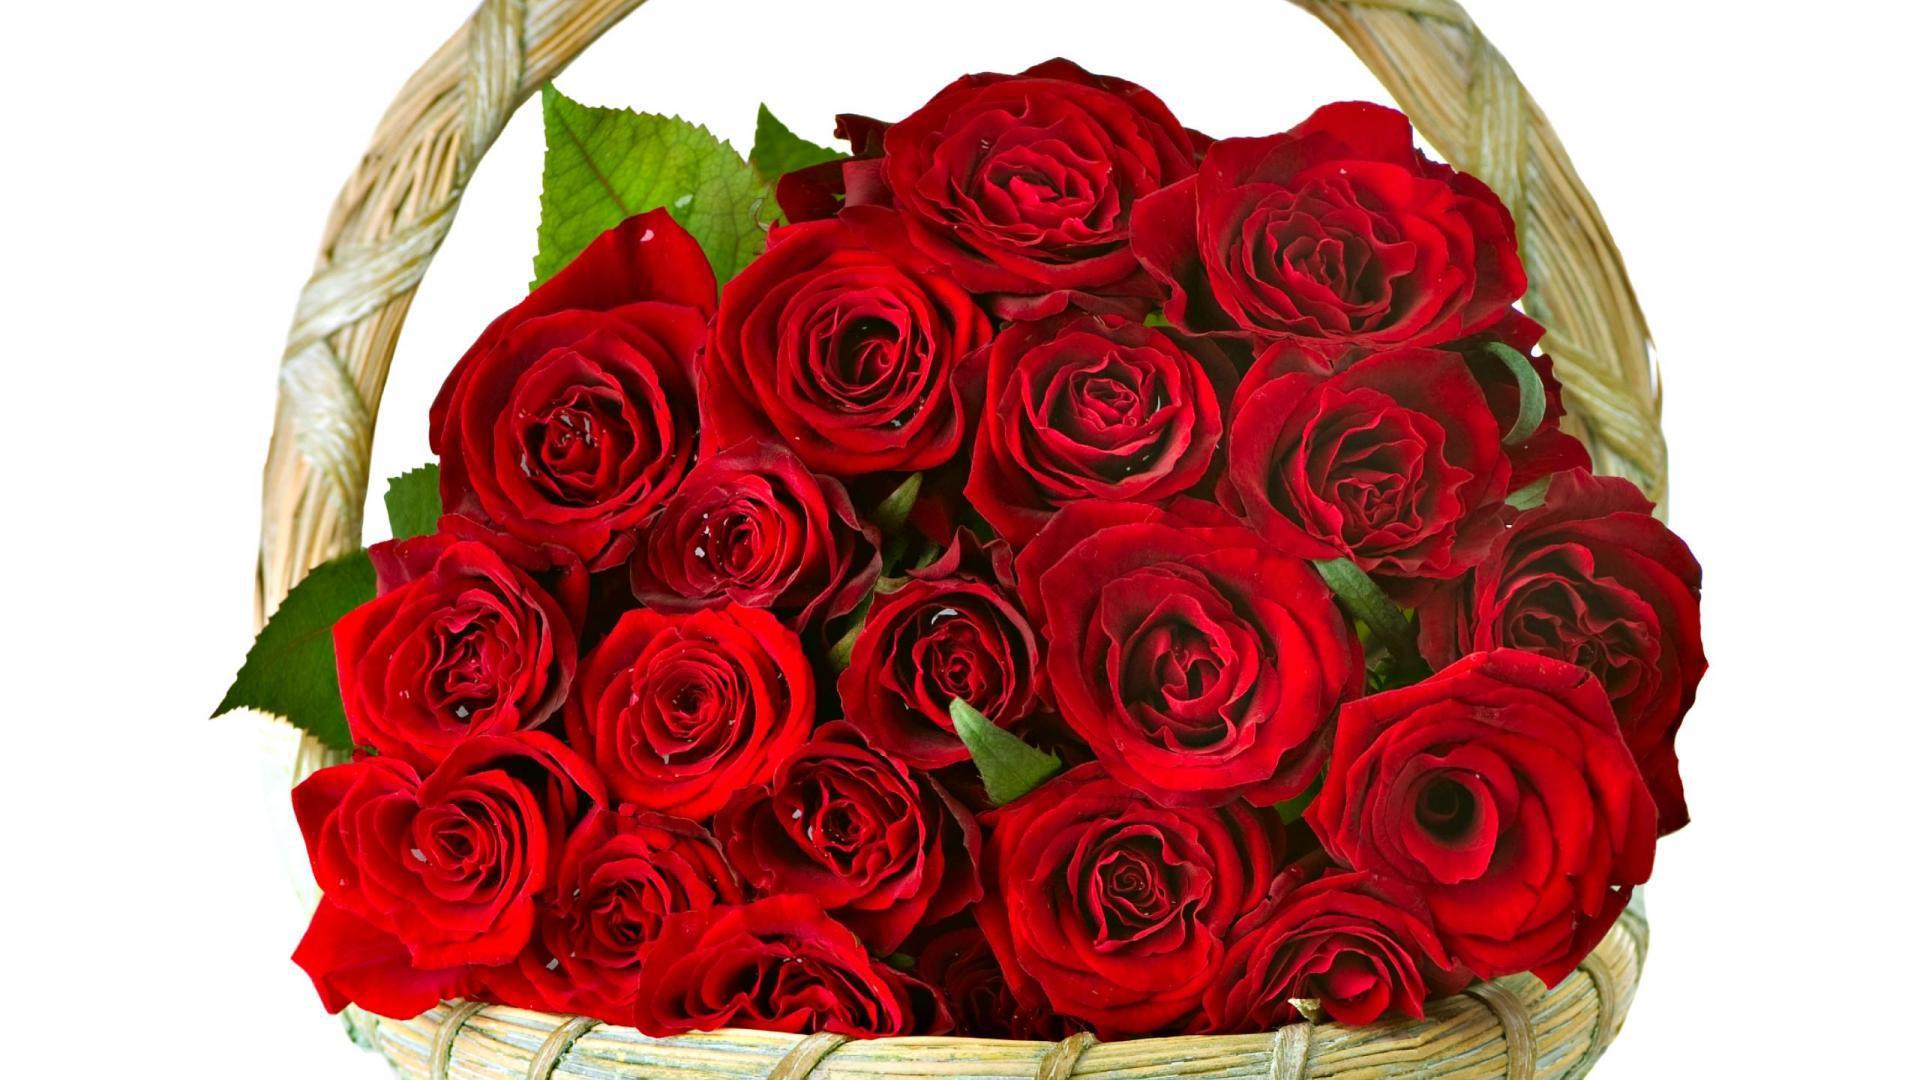 самые красивые розы картинка на подарок был, как альтернатива